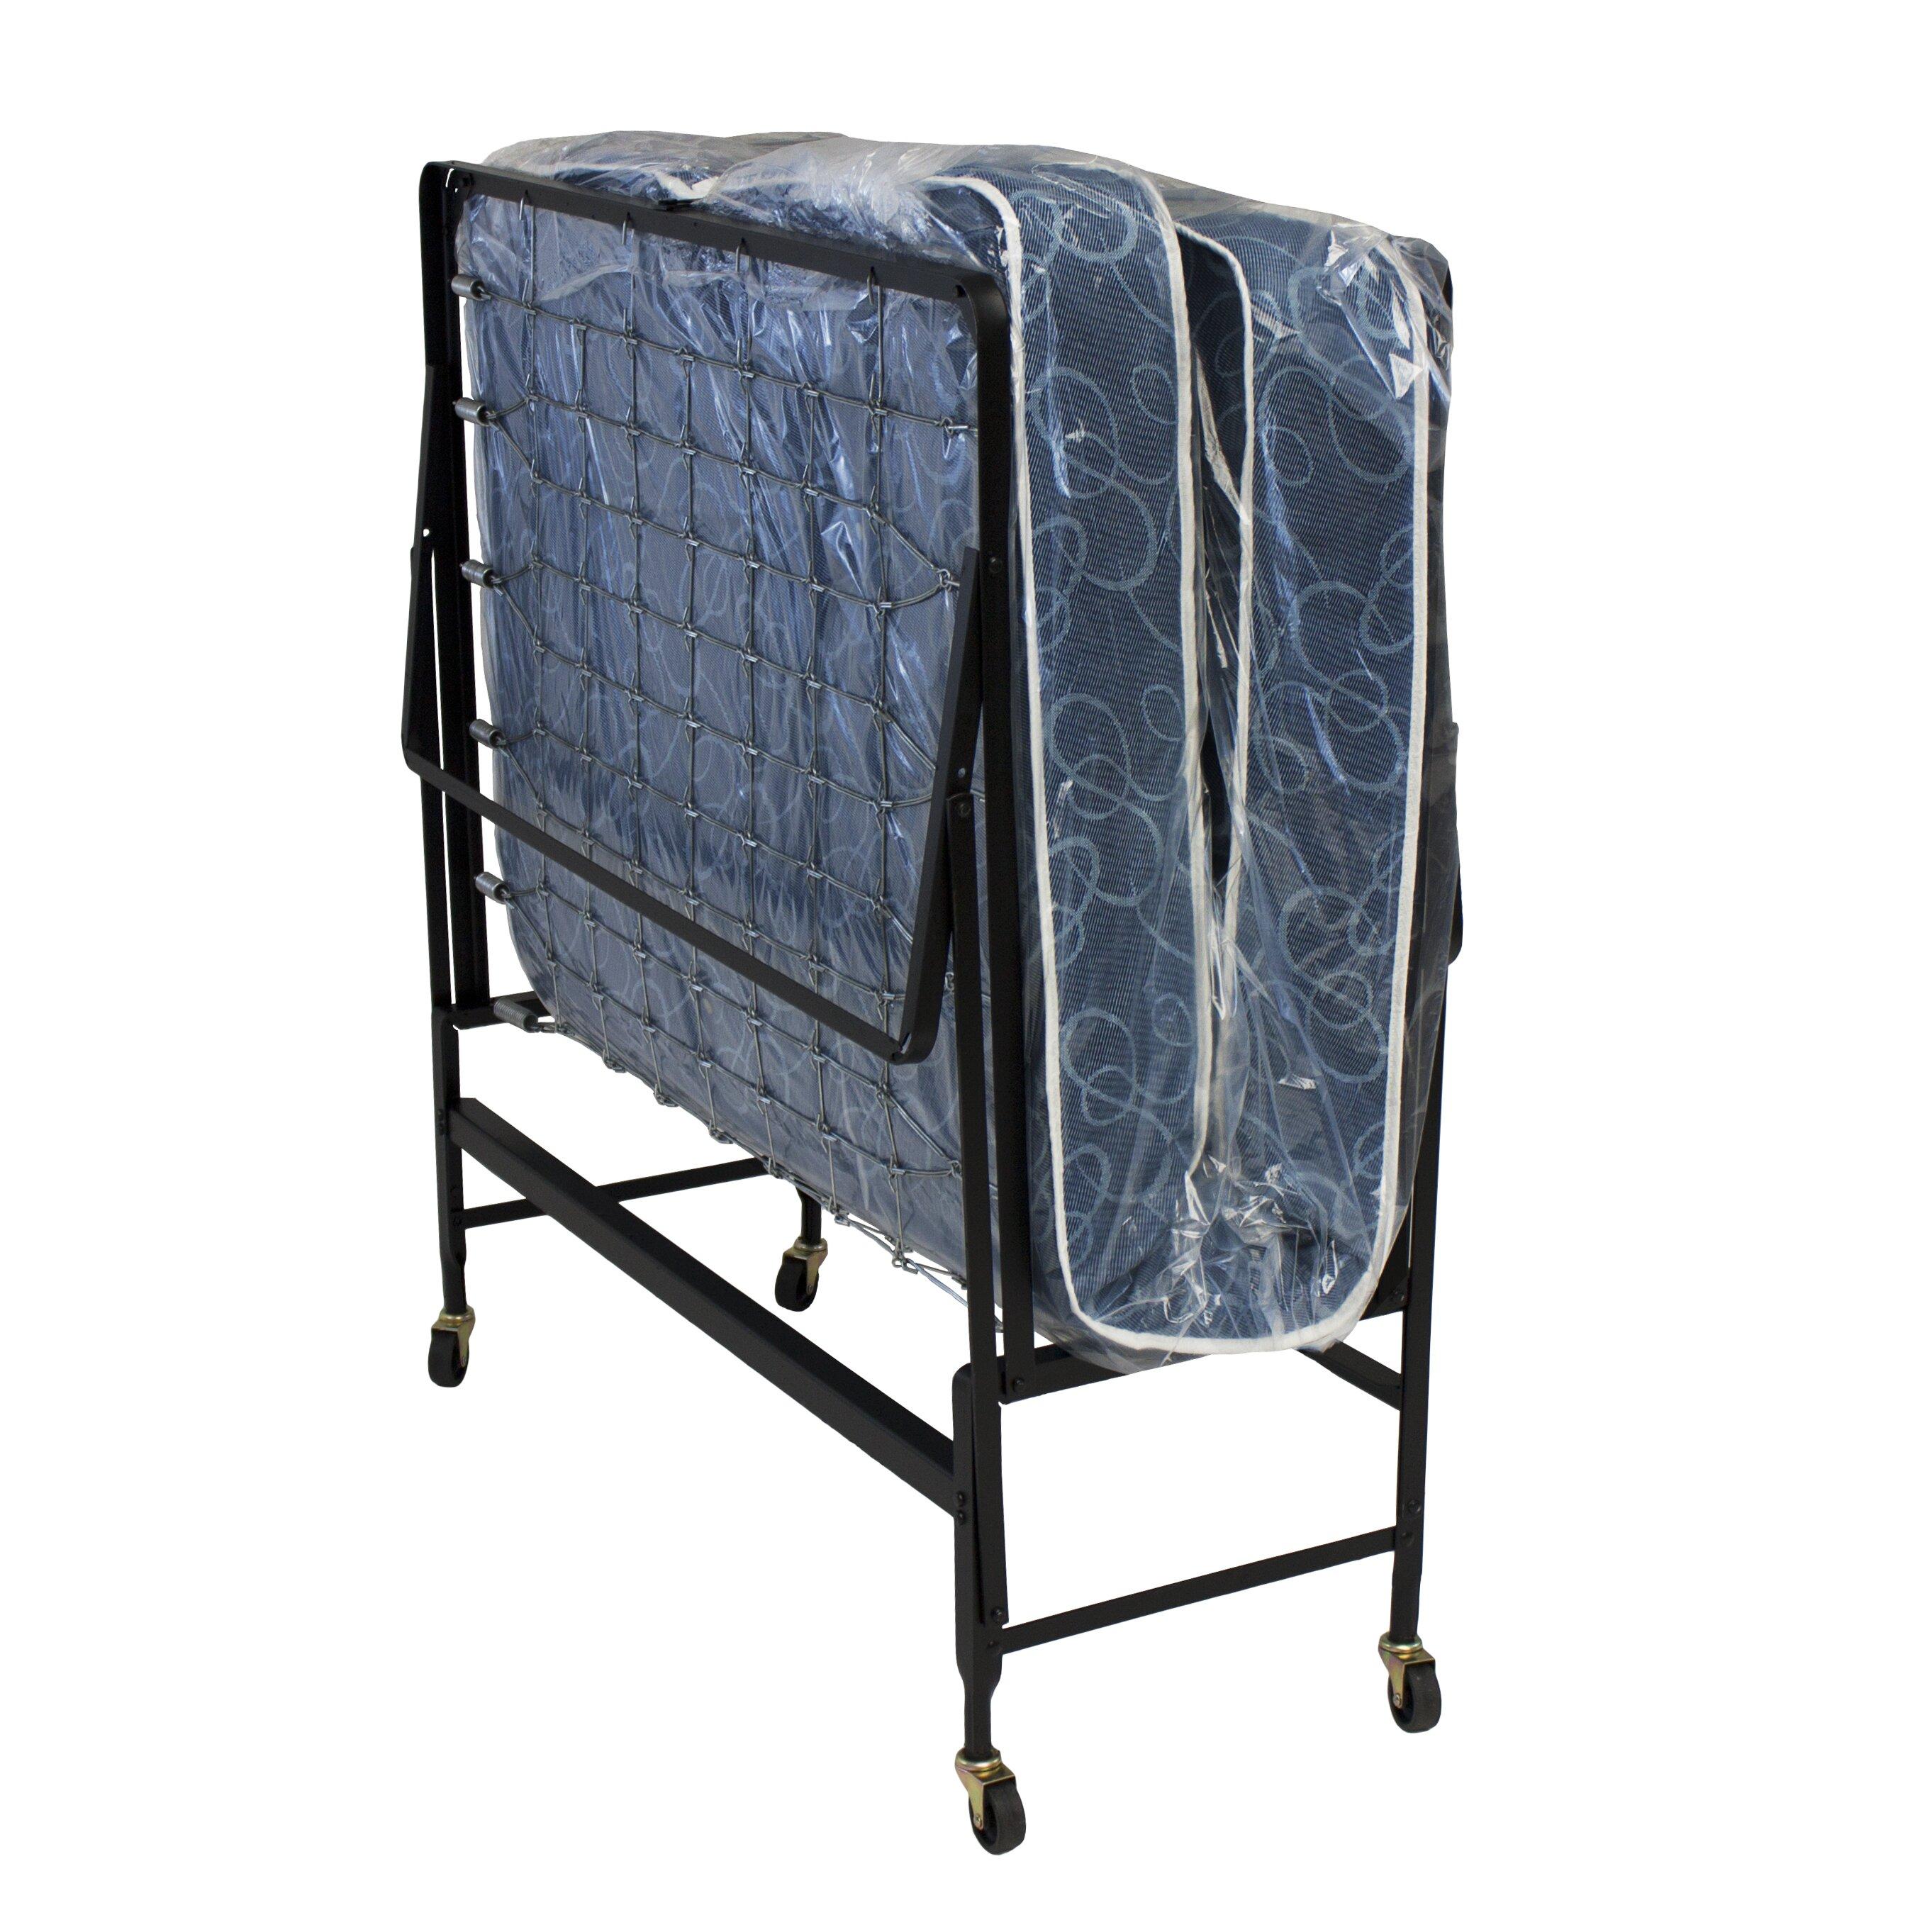 Folding Beds Reviews : Hollywood bed frame serta folding reviews wayfair